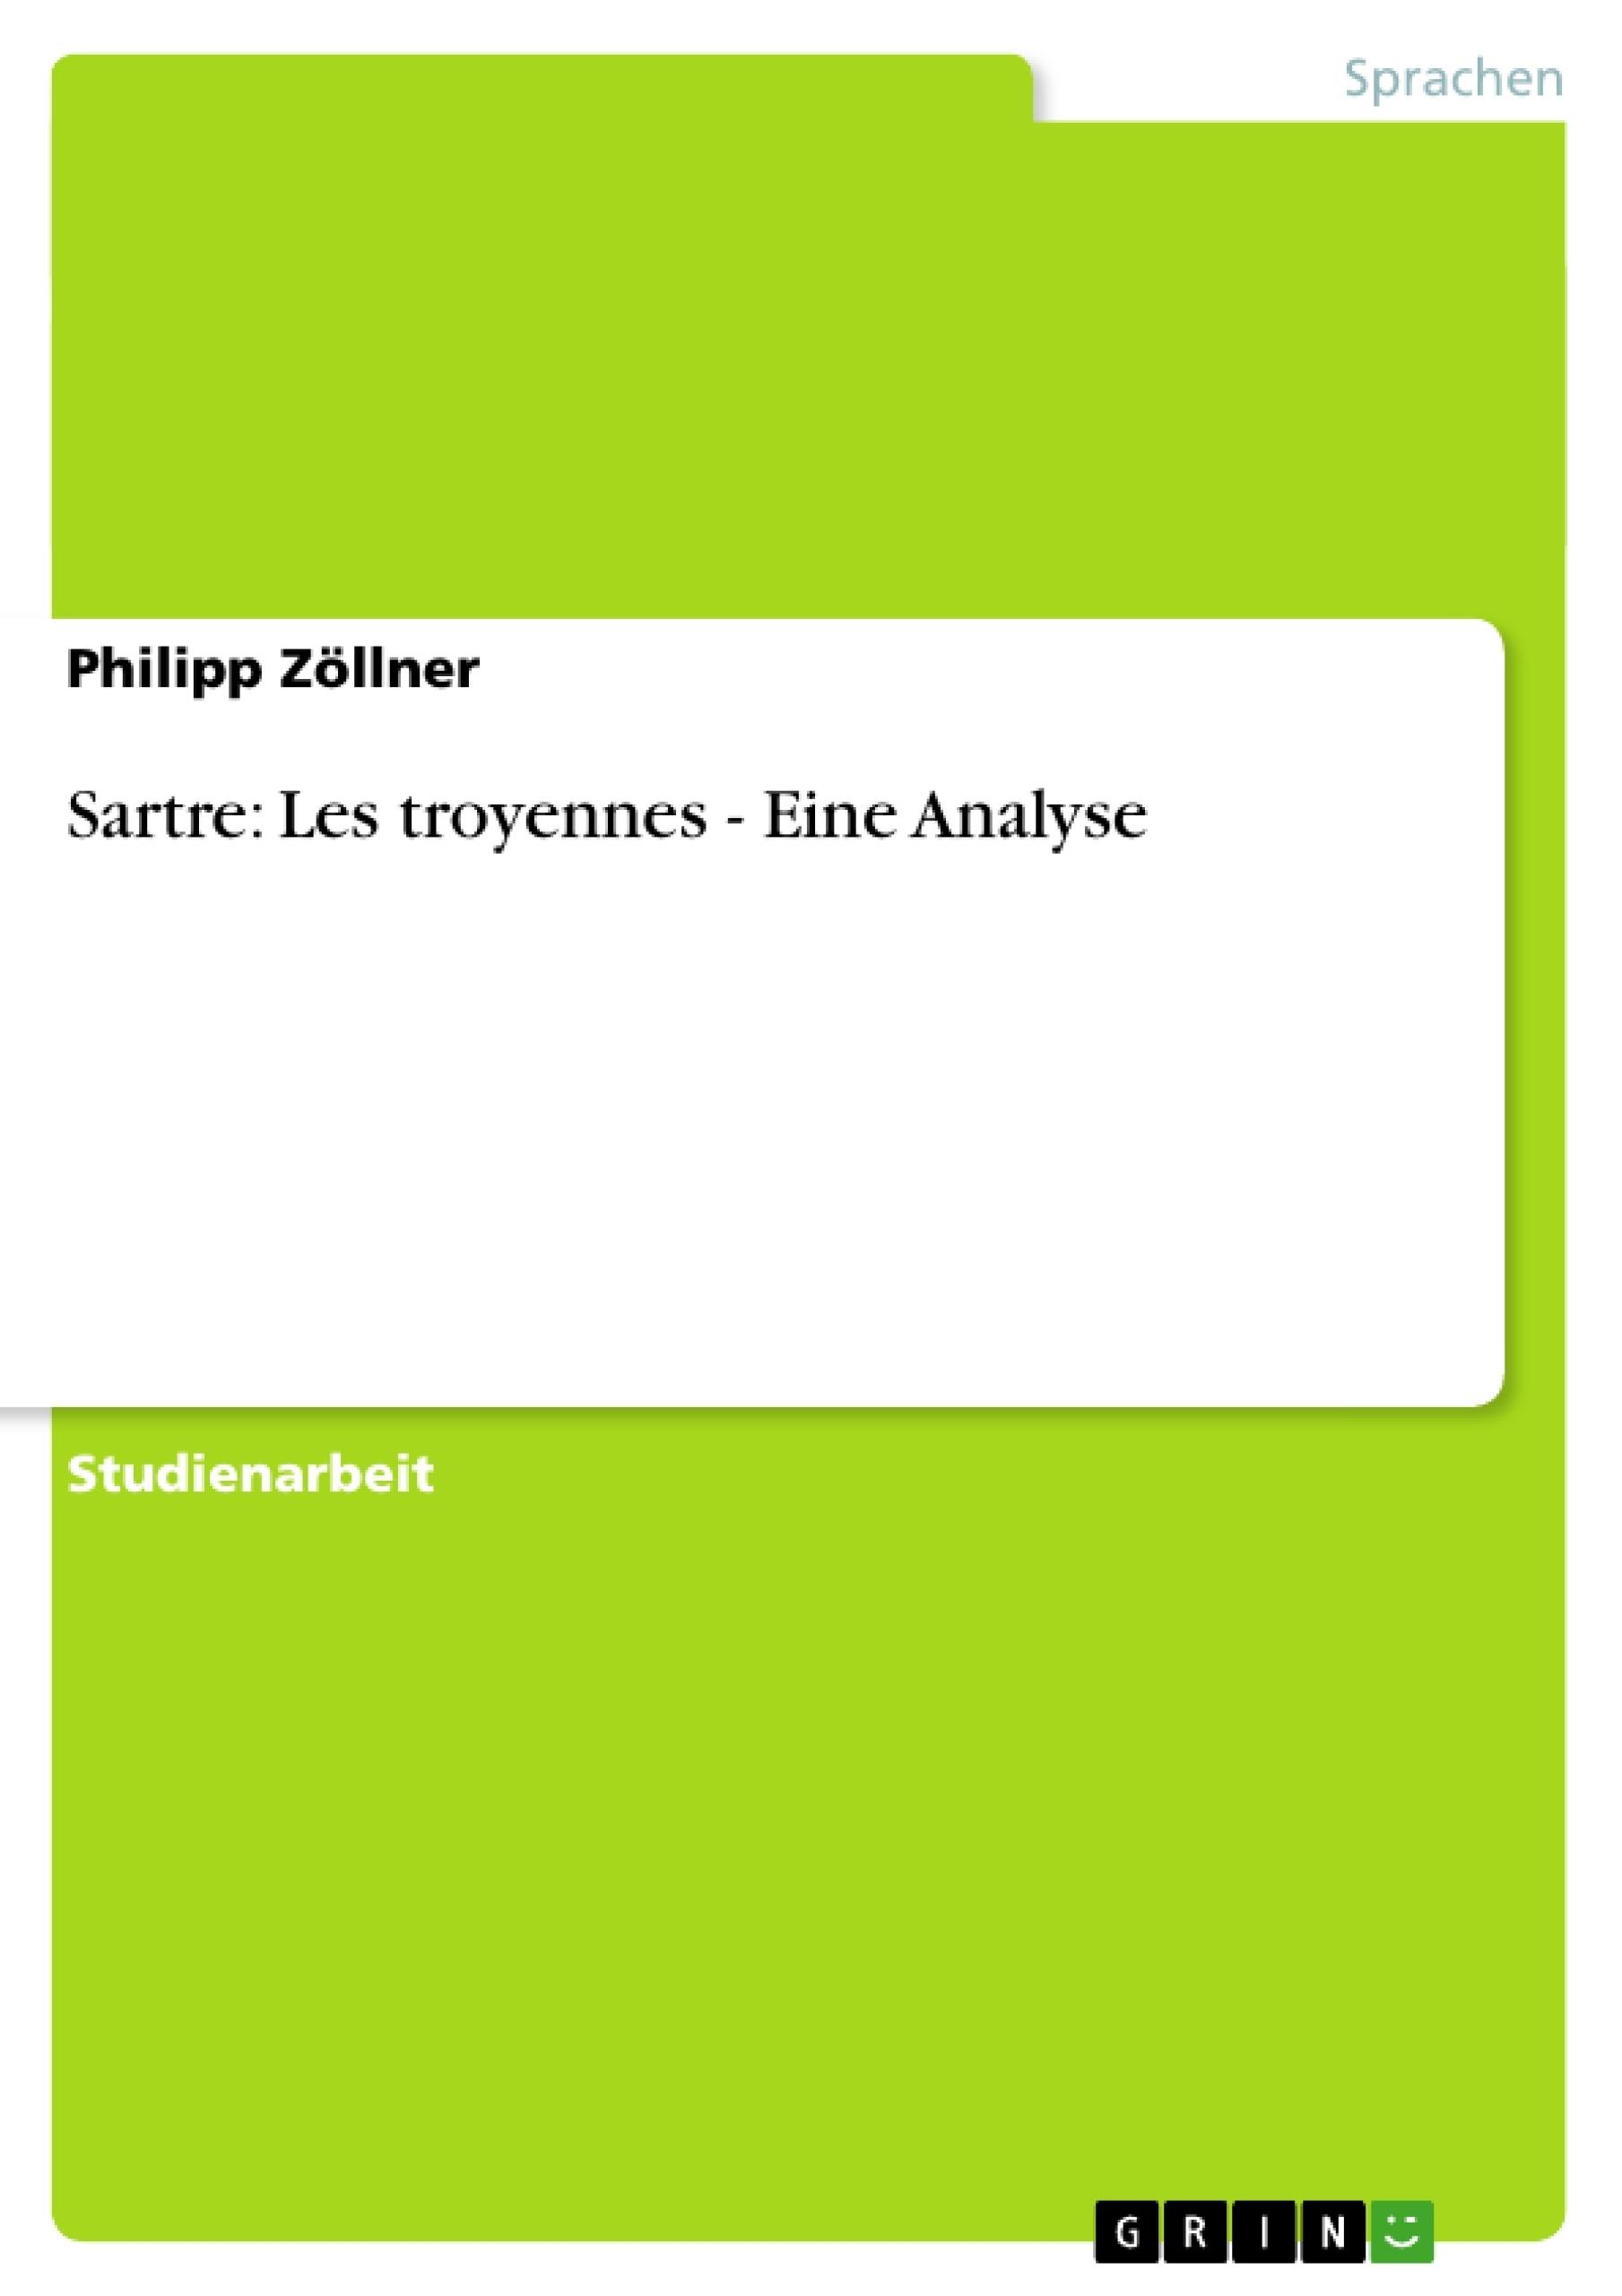 Titel: Sartre: Les troyennes - Eine Analyse